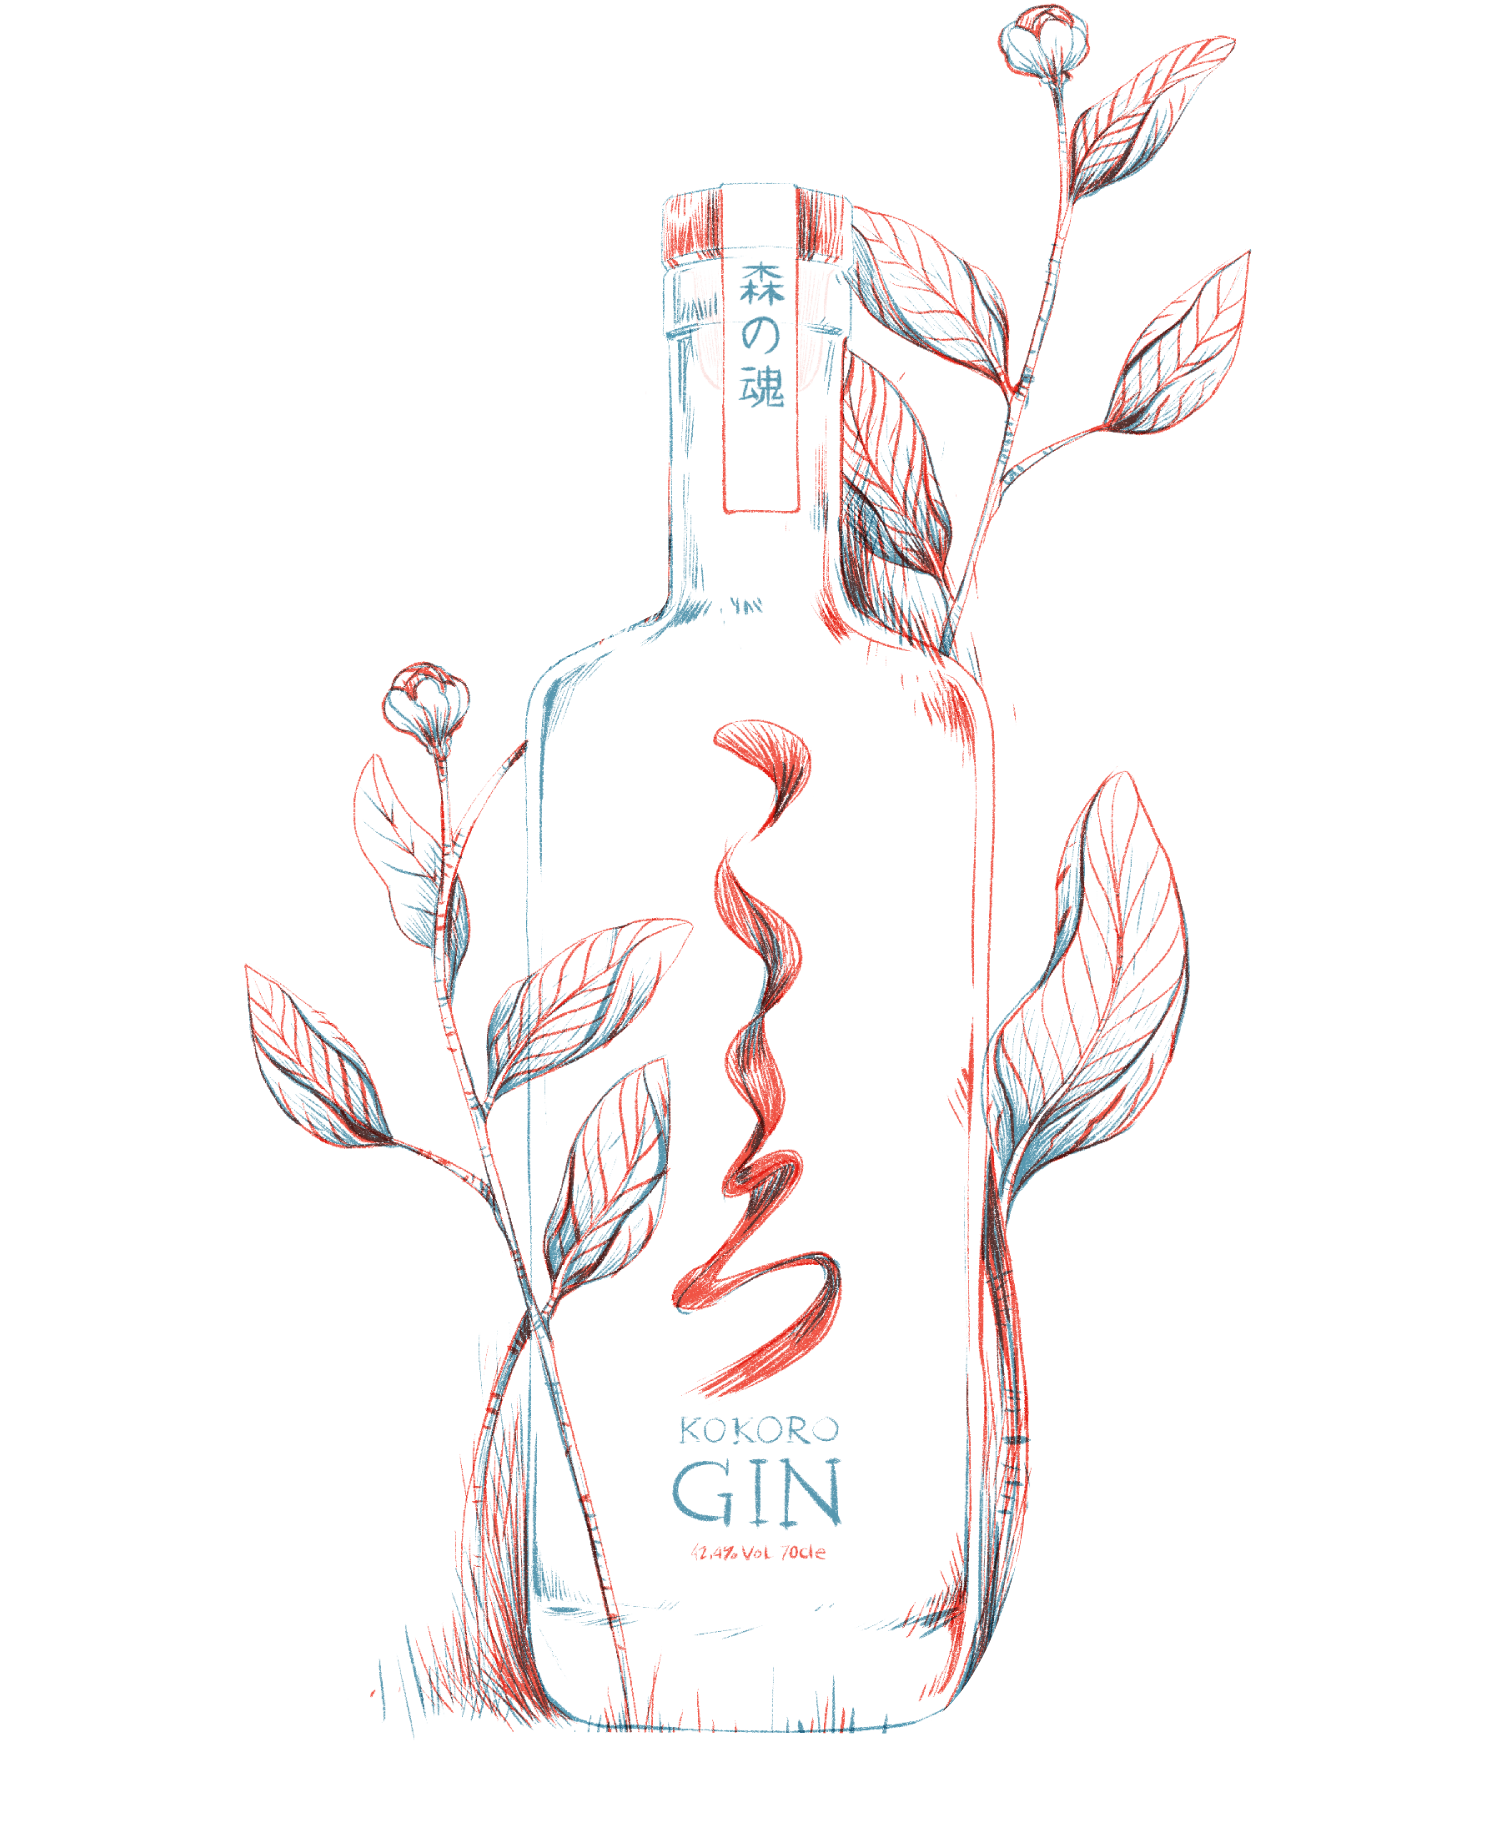 Kokoro Gin Japan